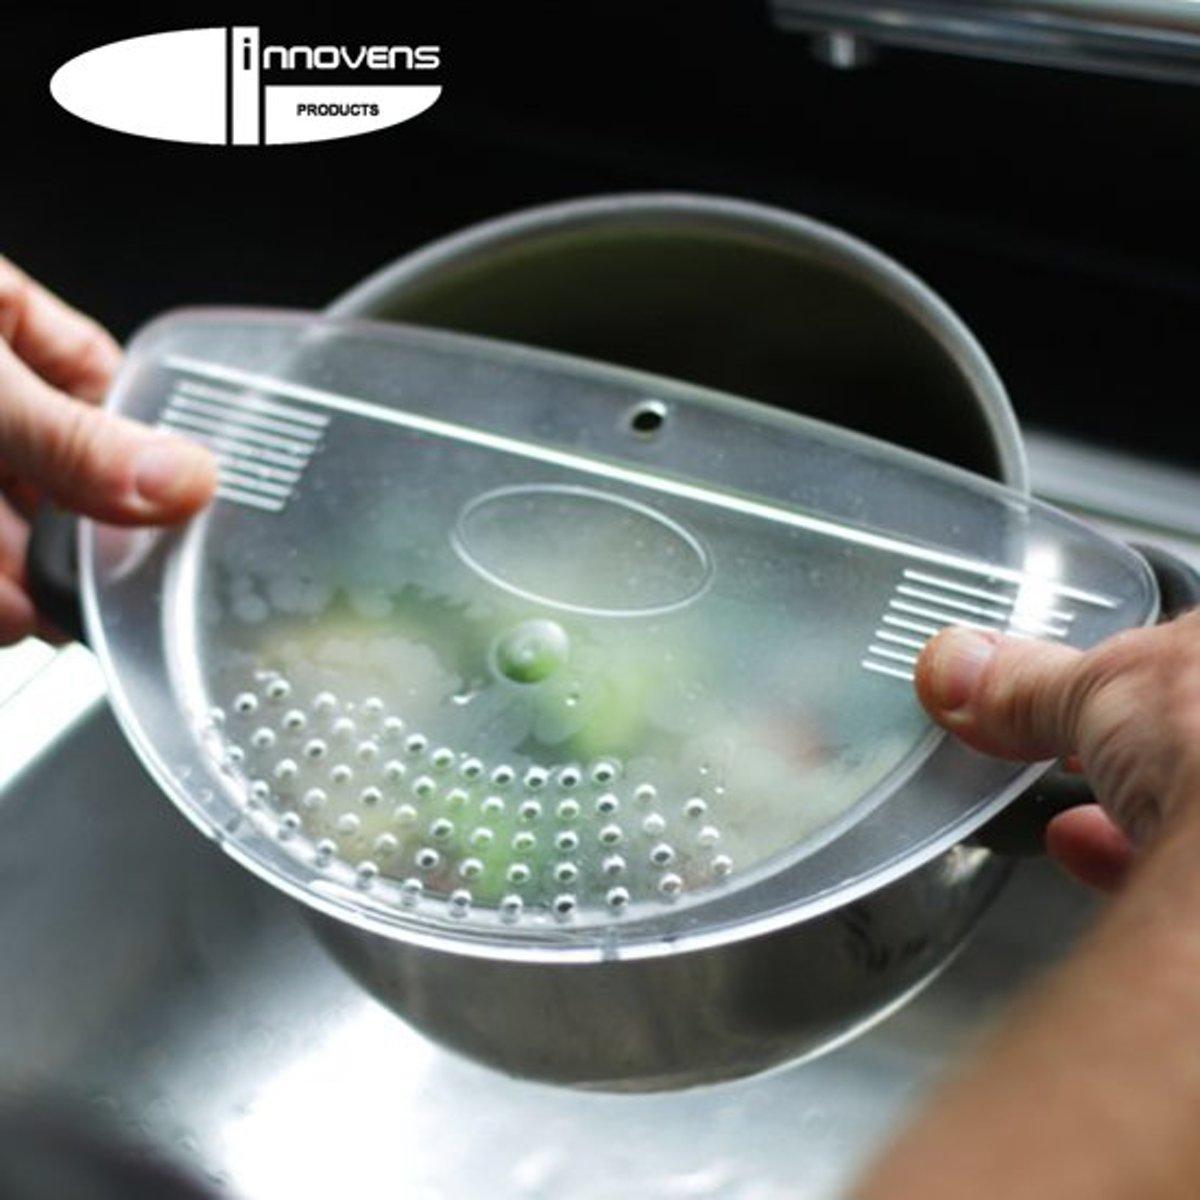 Afgieter – Veilig afgieten – Solide compacte keuken afgietdeksel - Afgiethulp - Keuken zeef - Transparant - Koken kopen